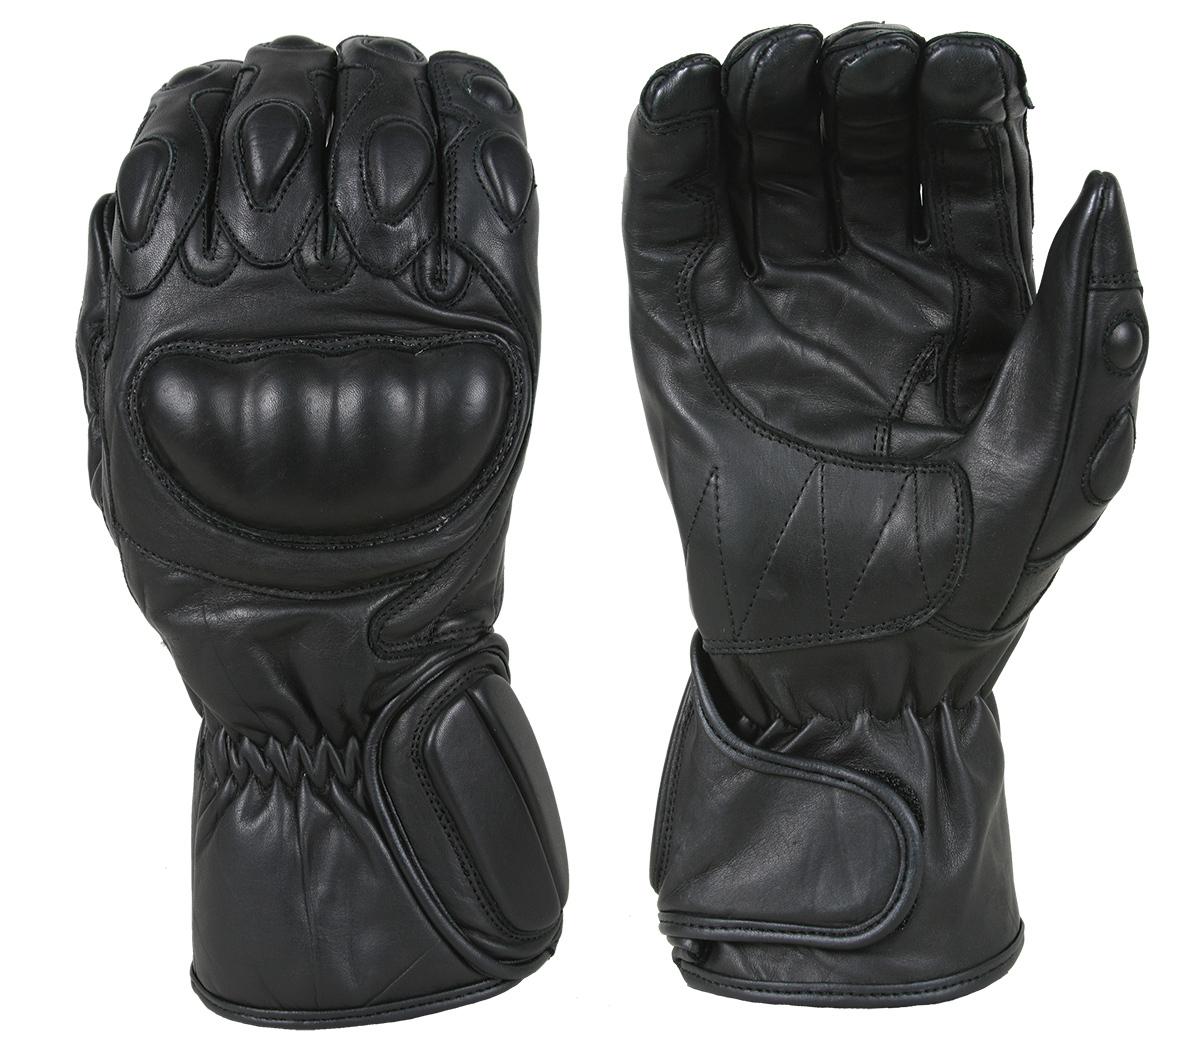 Vector 1™ - Riot Control w/ Carbon-Tek™ fiber knuckles CRT-100